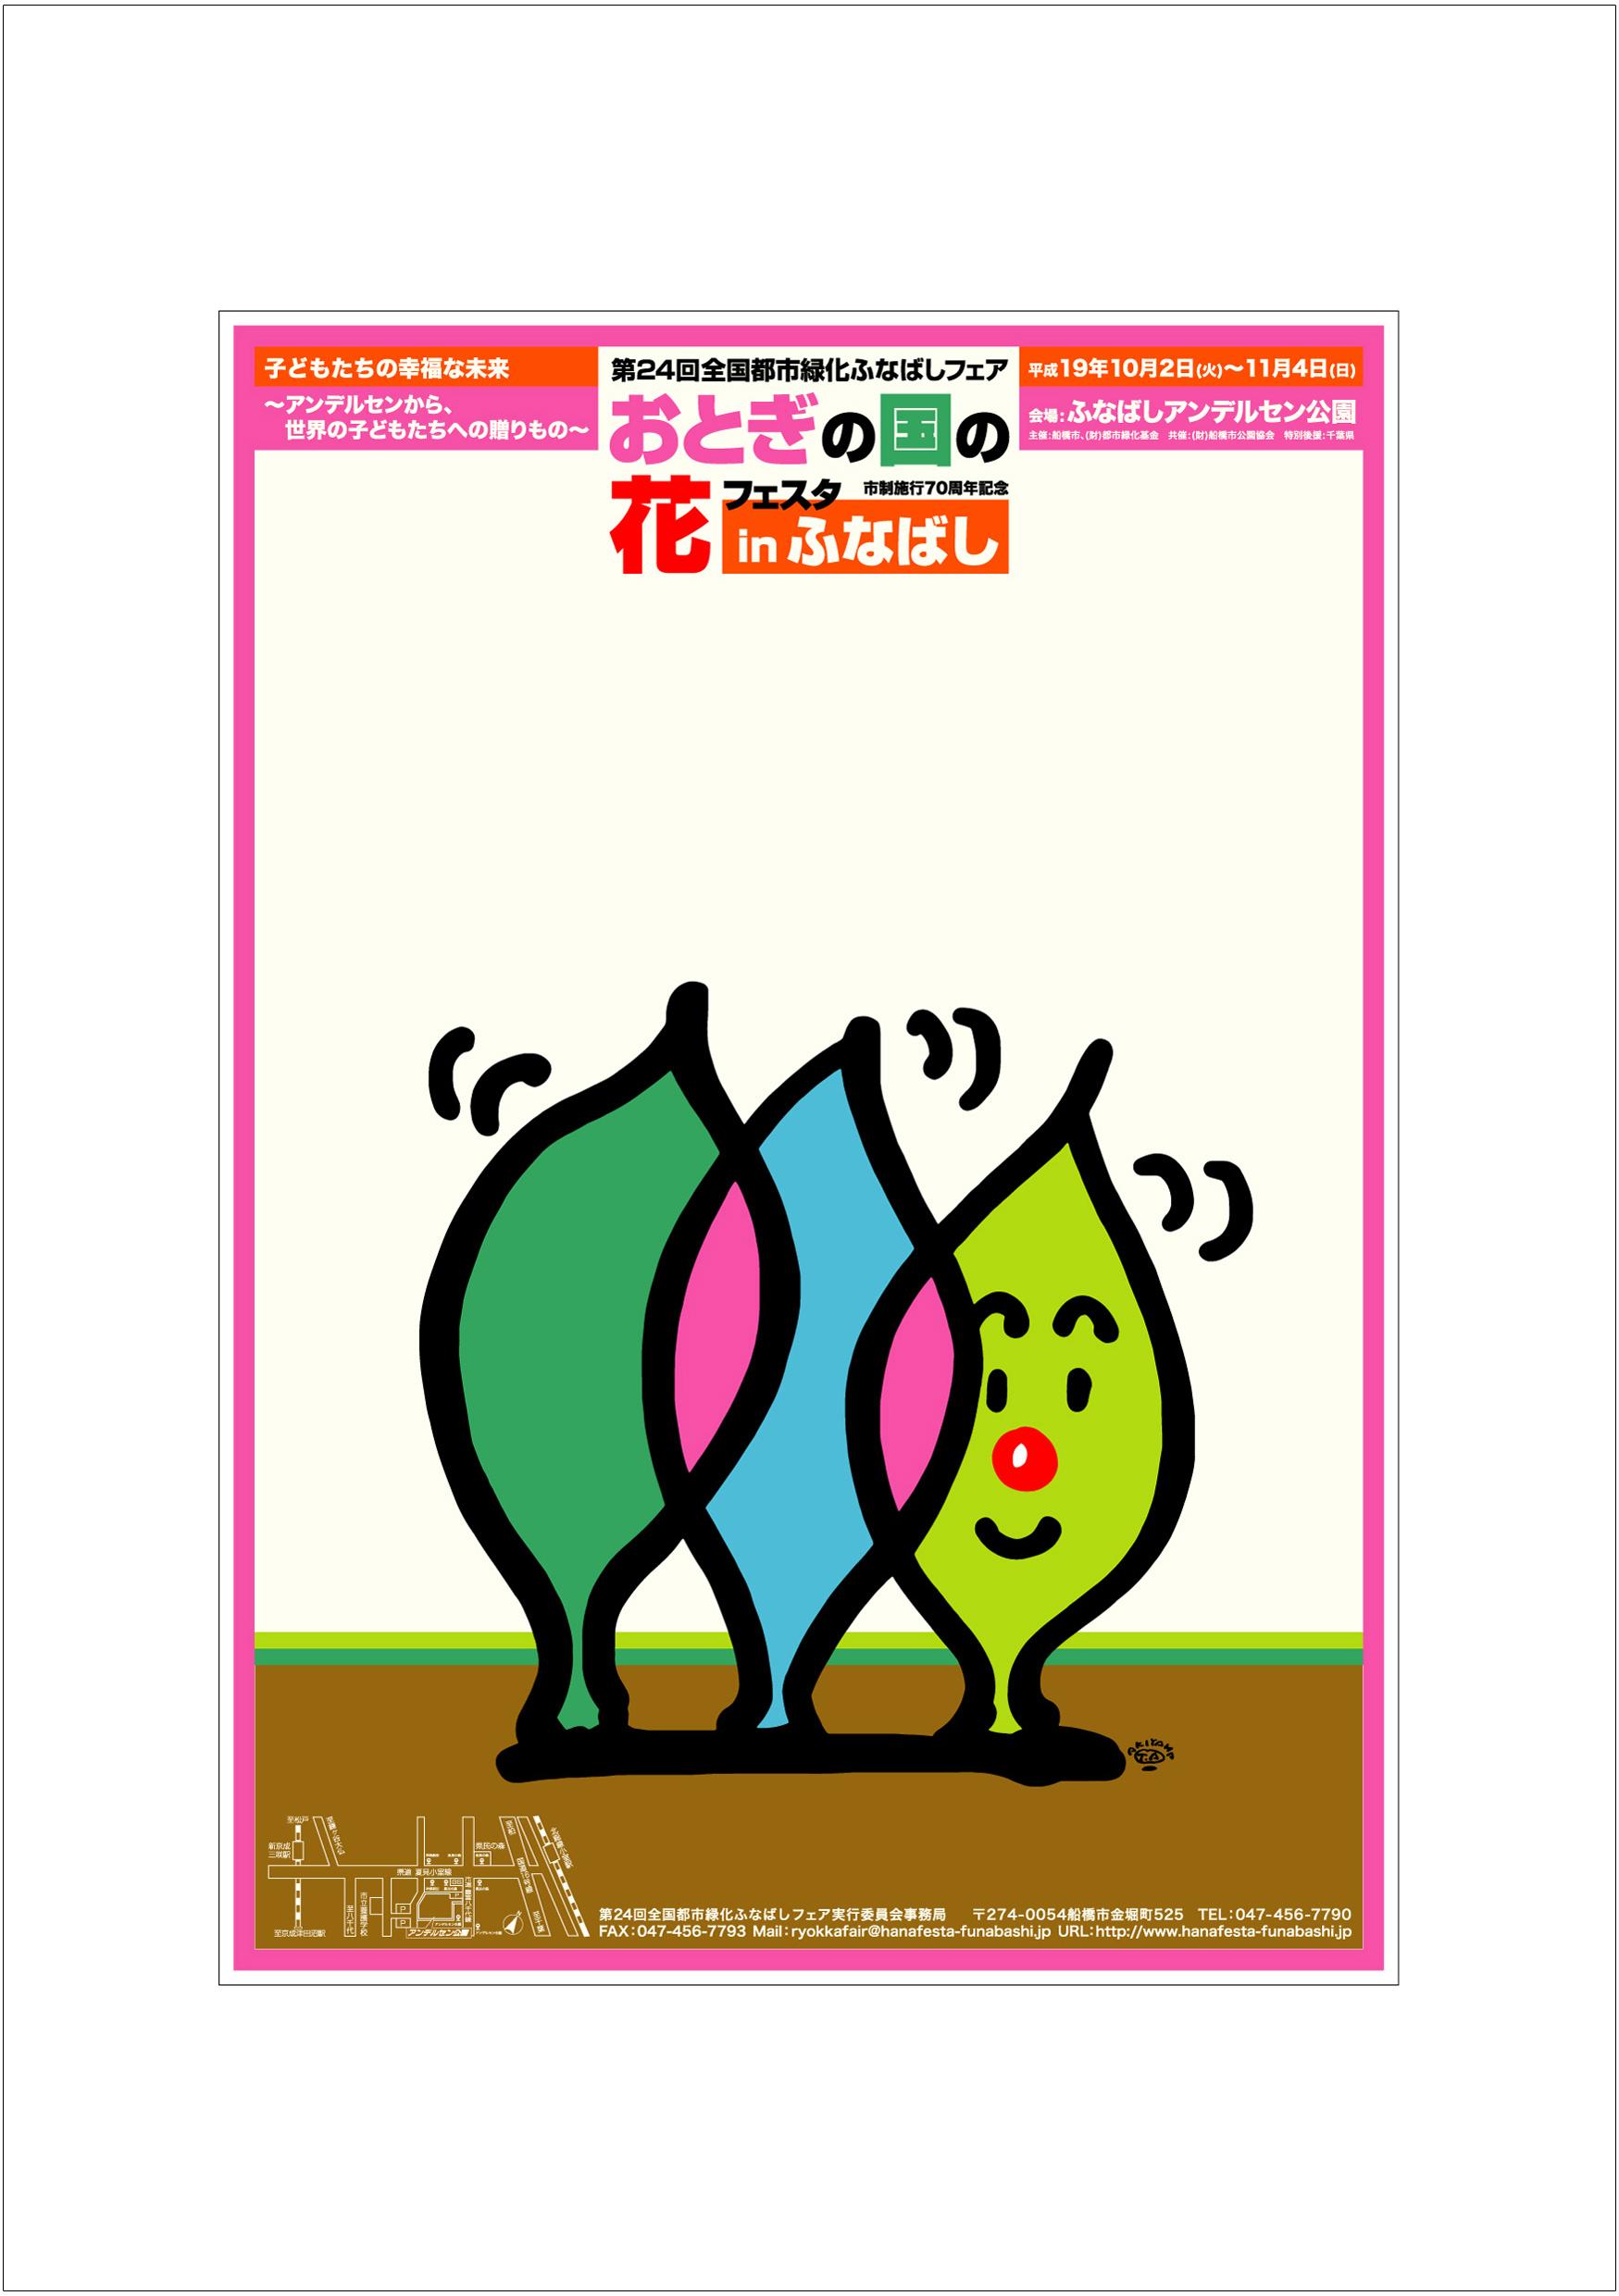 ポスターアーティスト秋山孝が2007年に制作したアートカード「アートカード ポスター 2007 03」